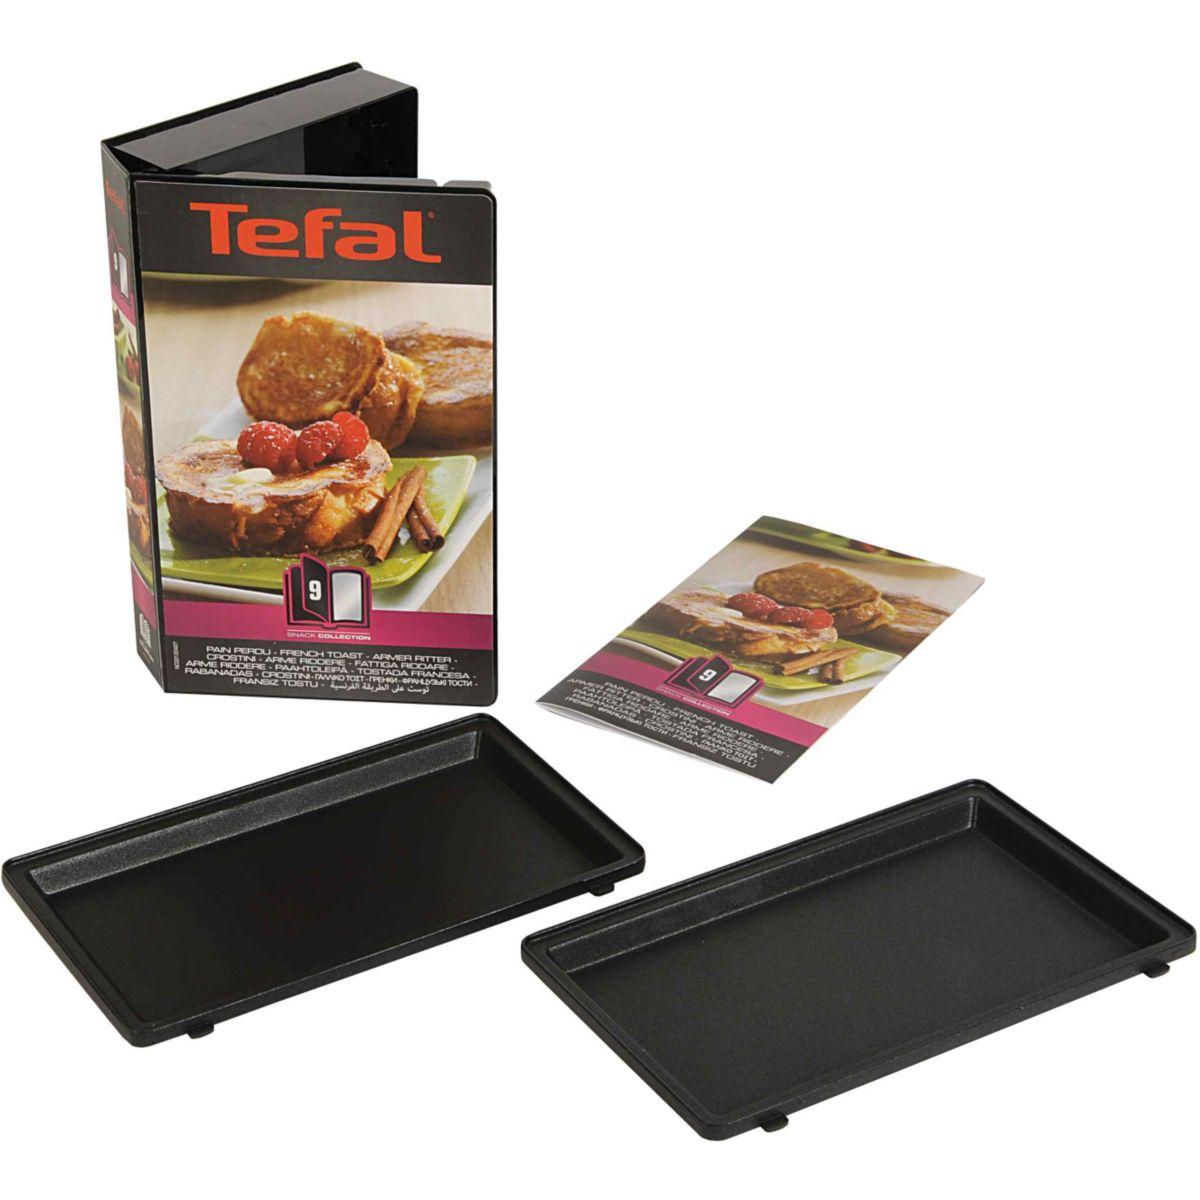 Tefal coffret de plaque pour pain perdu avec livre de recettes comparer avec - Plaque tefal snack collection ...